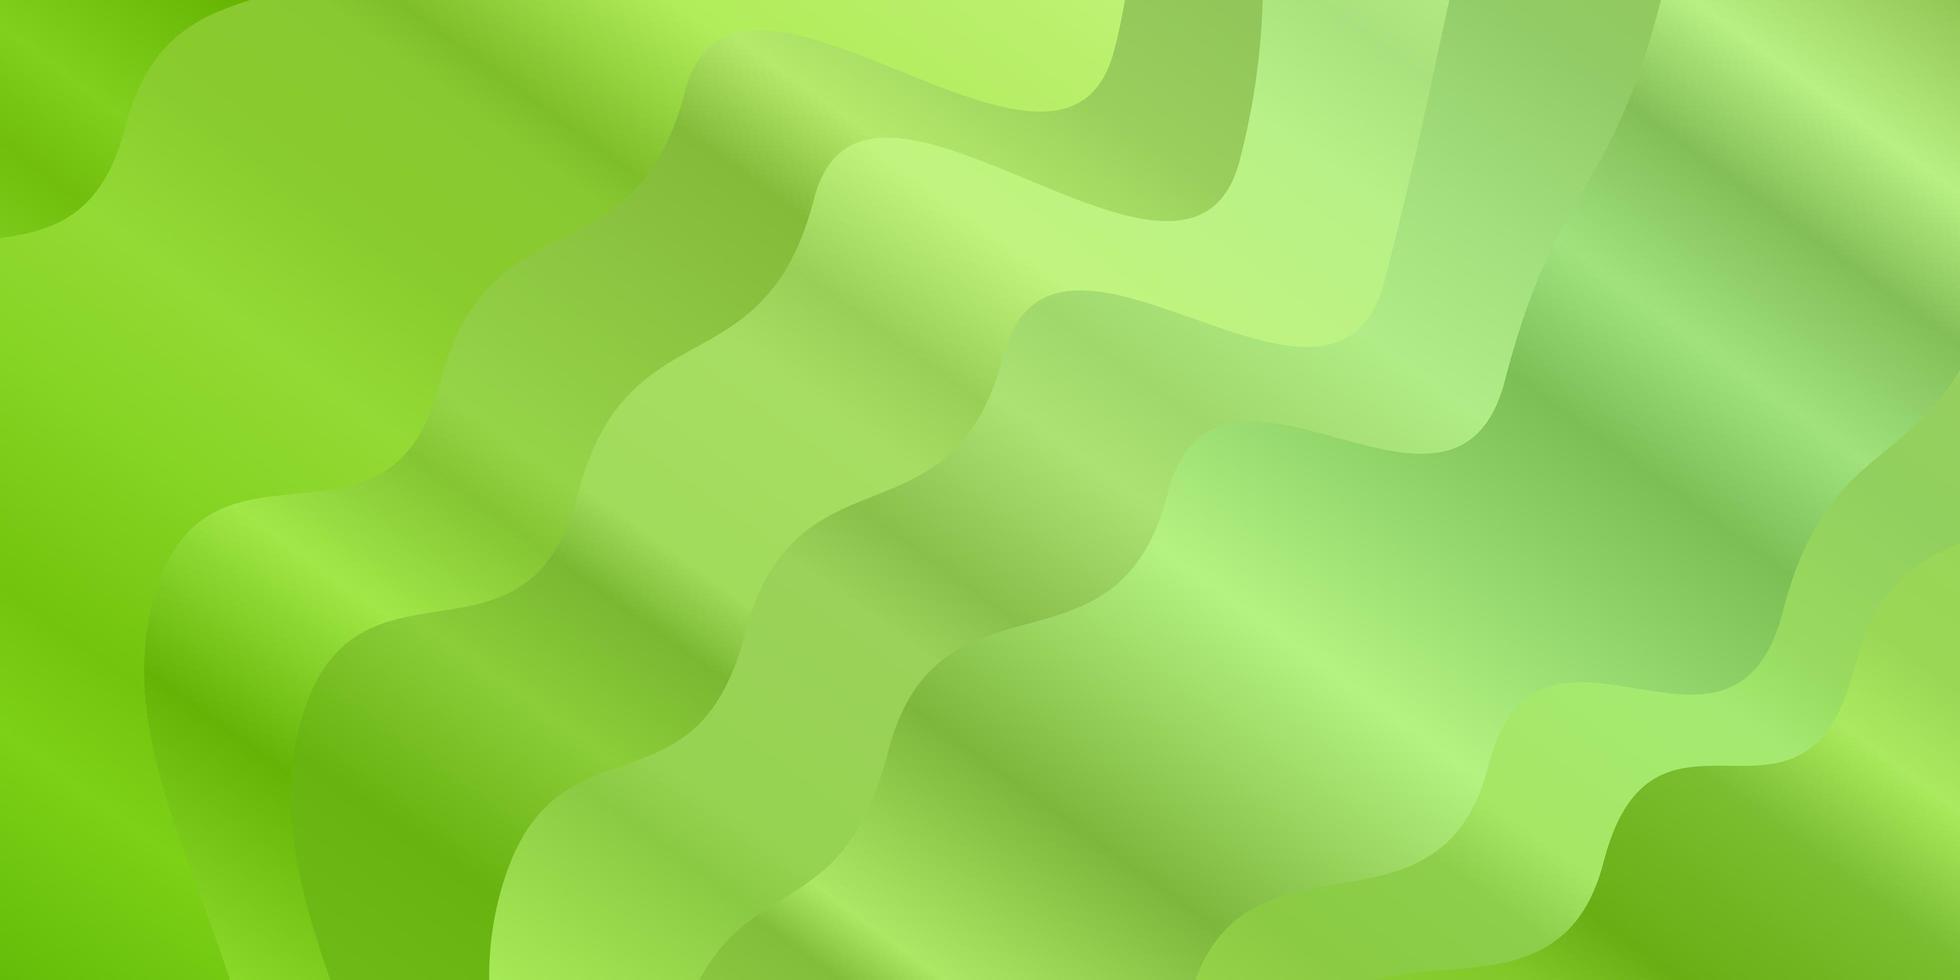 cenário de vetor verde claro com arco circular.